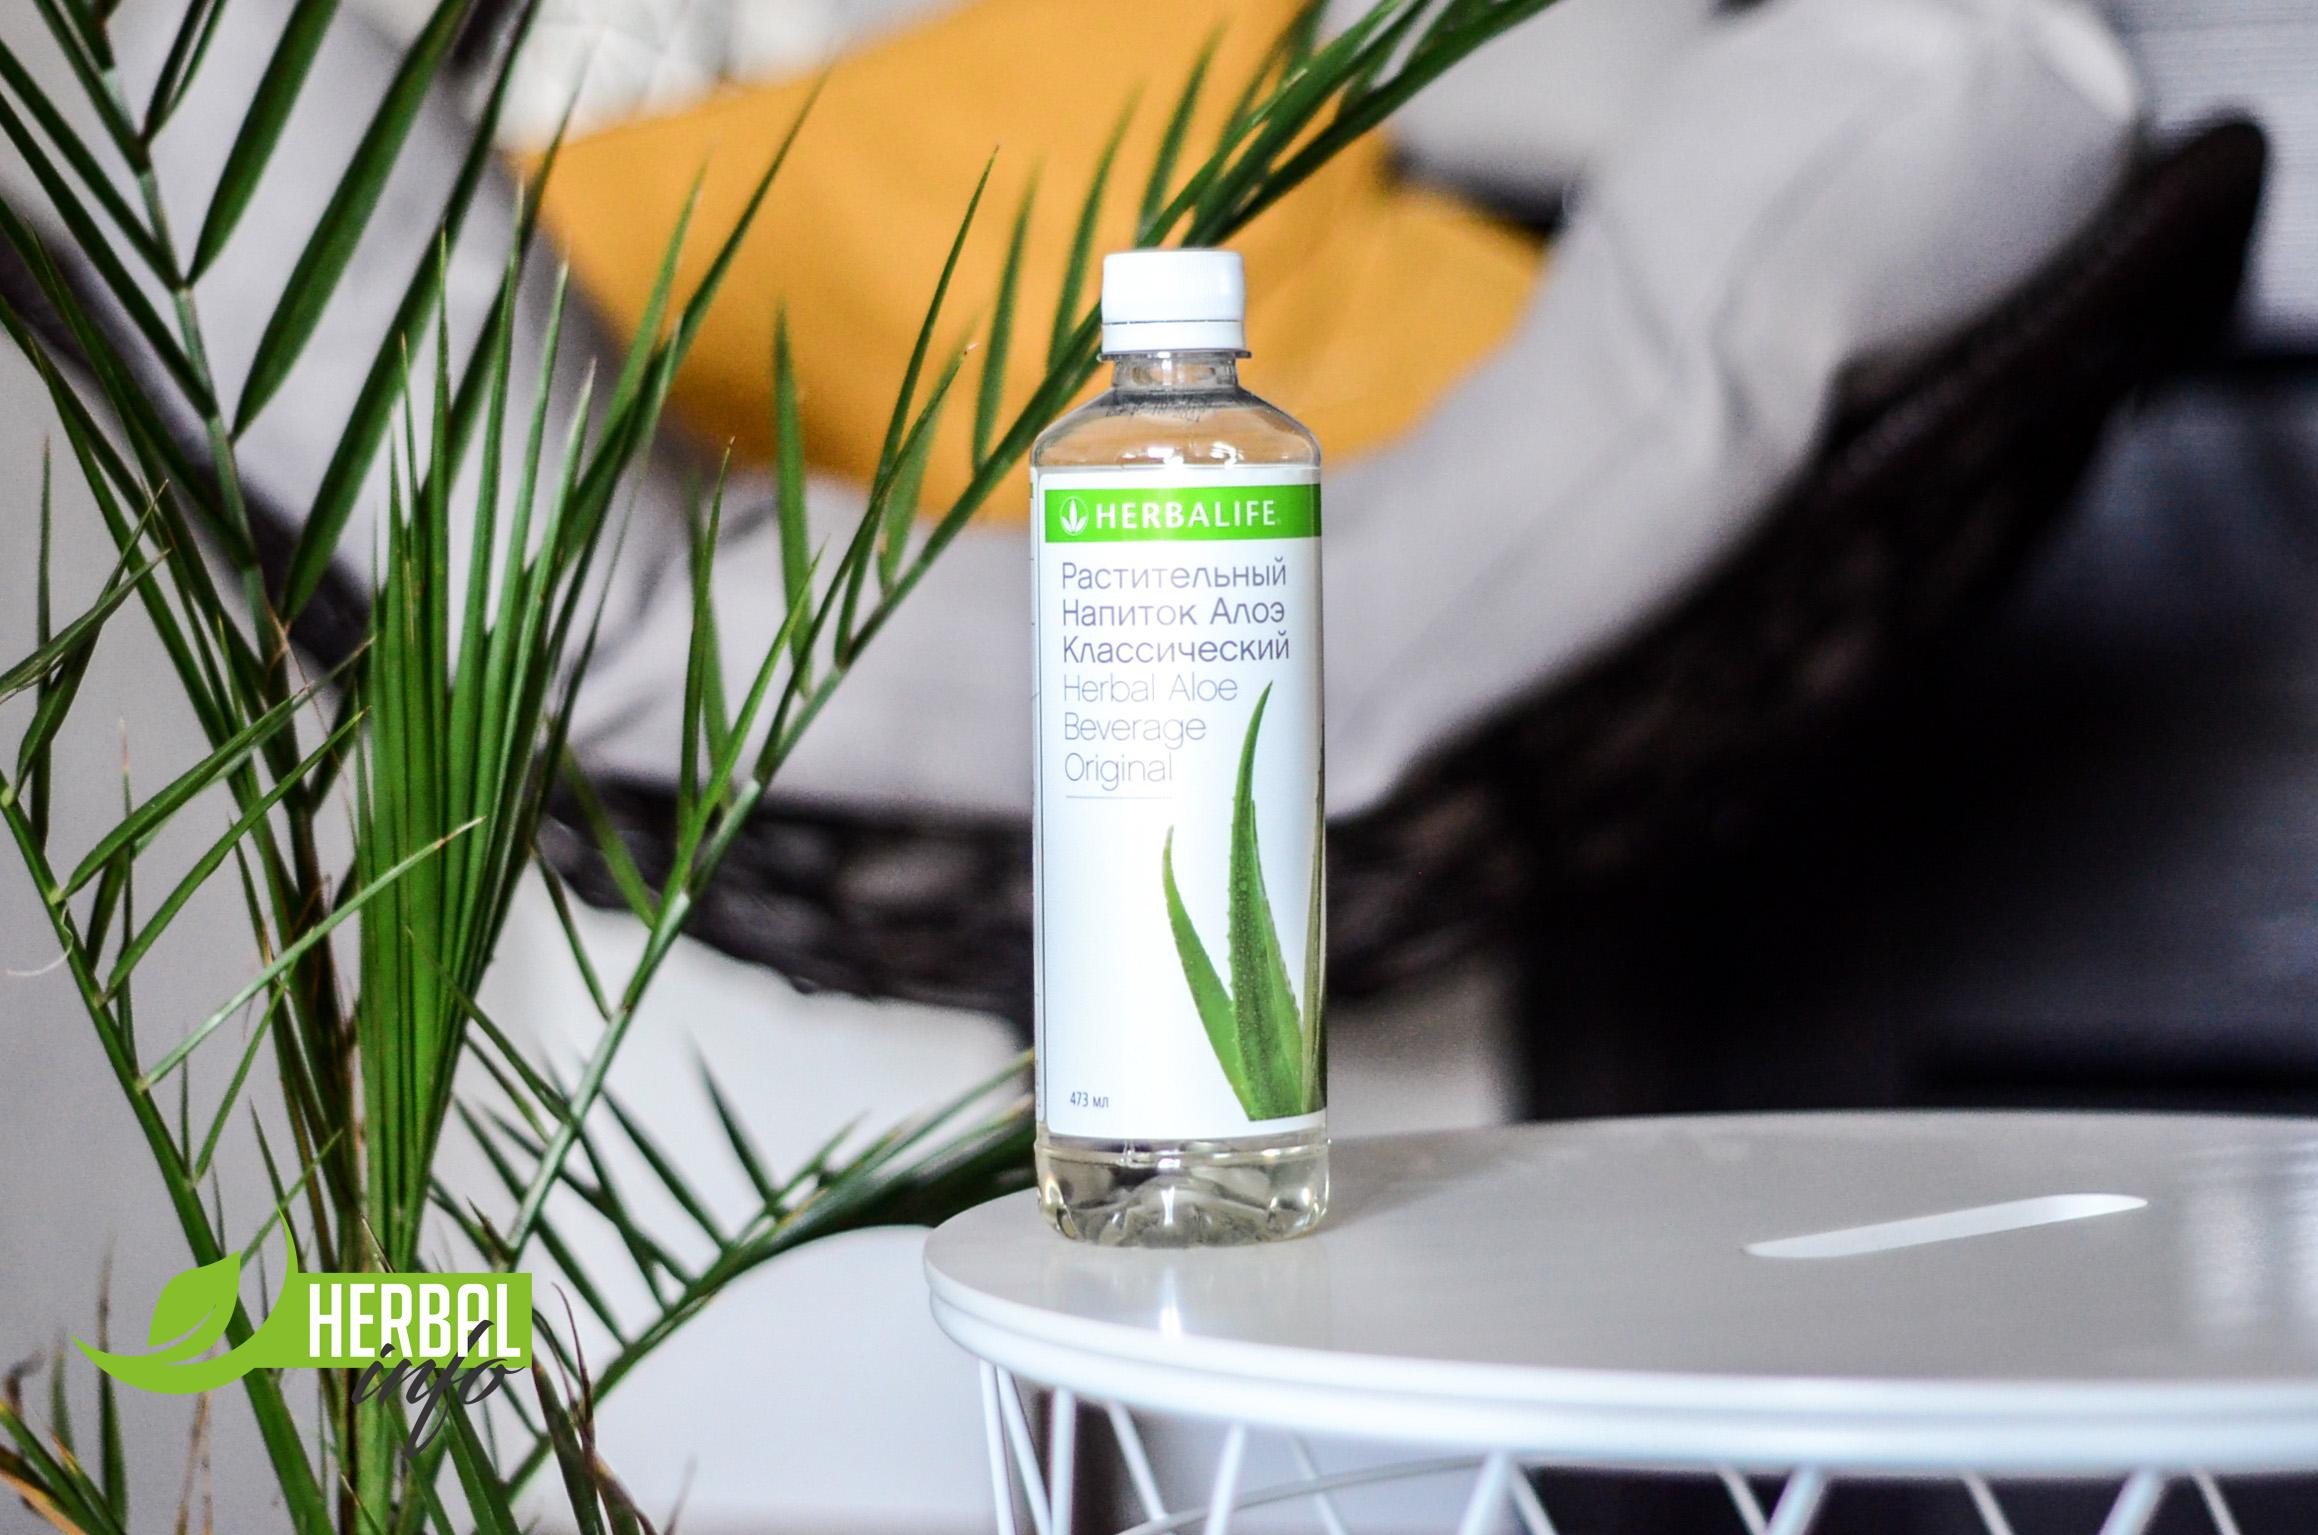 Напиток из растения алоэ от Гербалайф НП